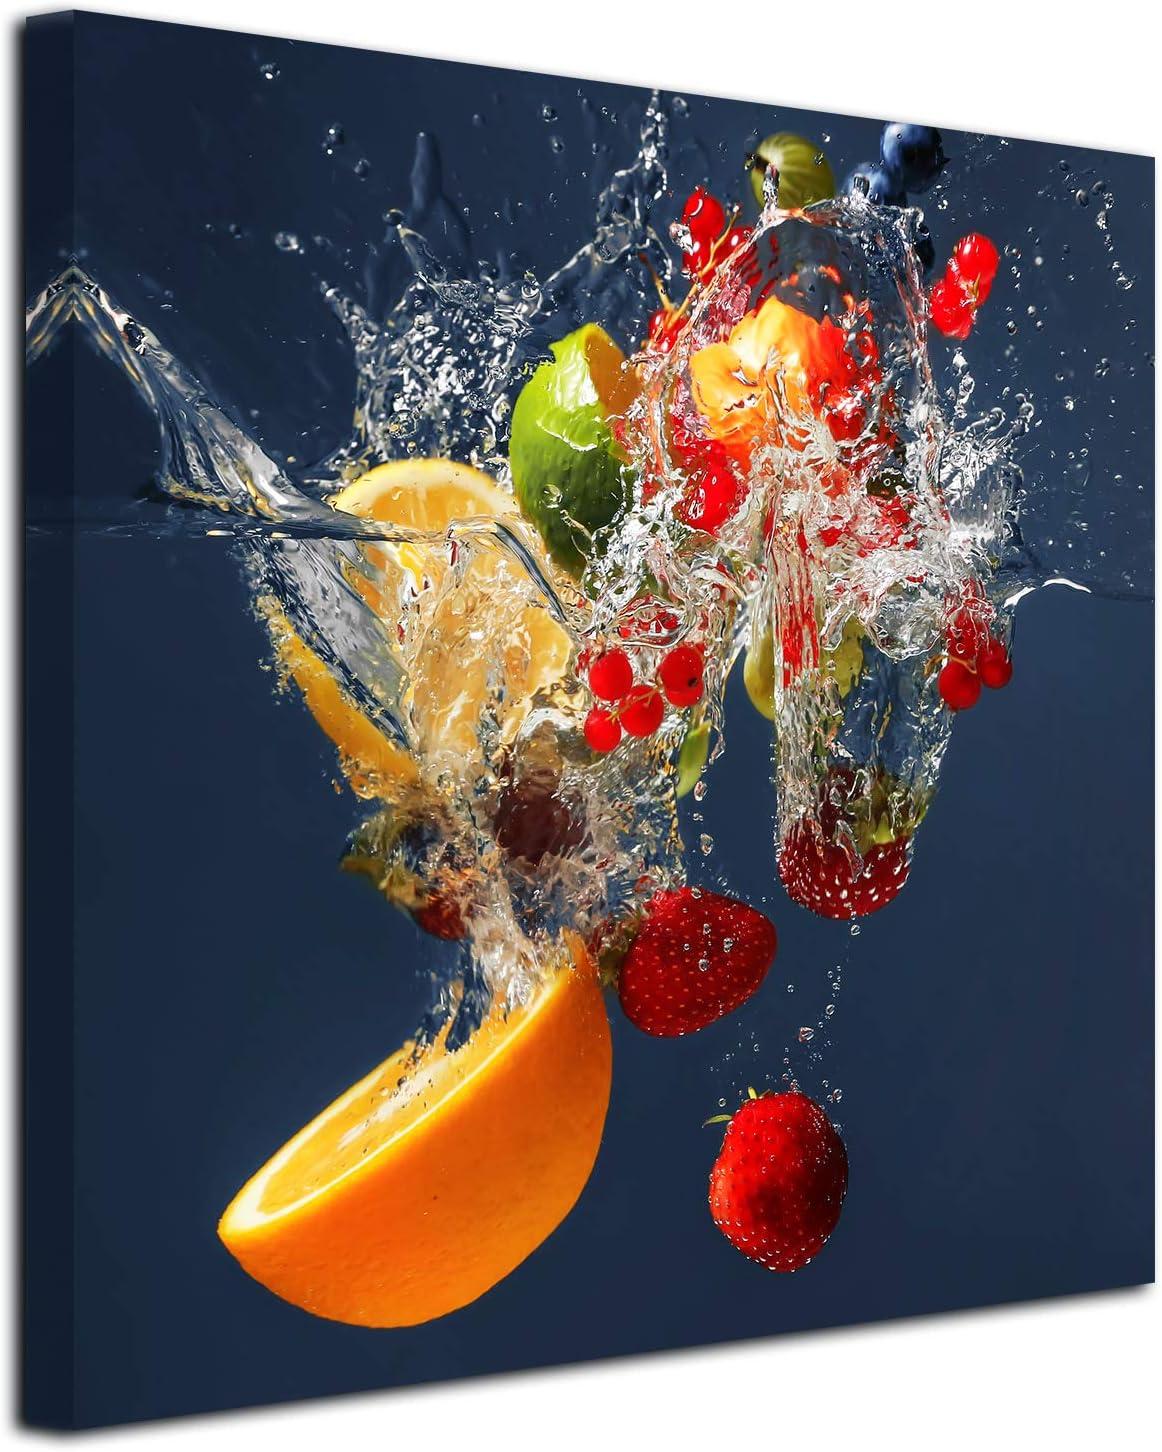 DECLINA Tableau Cadre carré de Fruits - Impression sur Toile décoration  Murale - Déco Maison, Cuisine, Salon, Chambre Adulte - Multicouleur 16x16 cm